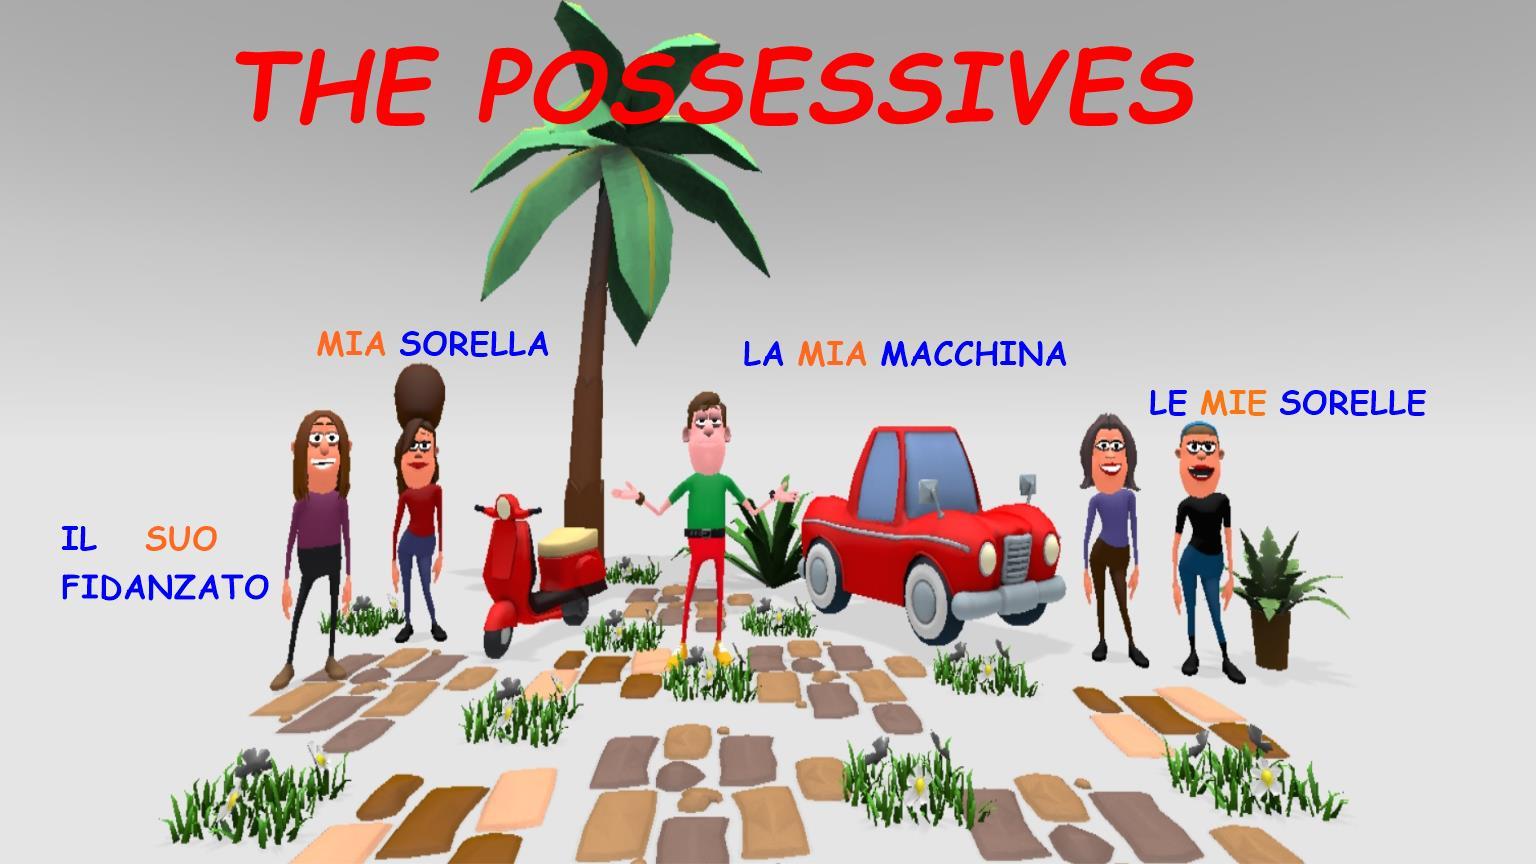 Gli Aggettivi Possessivi Italian Possessive Adjectives T